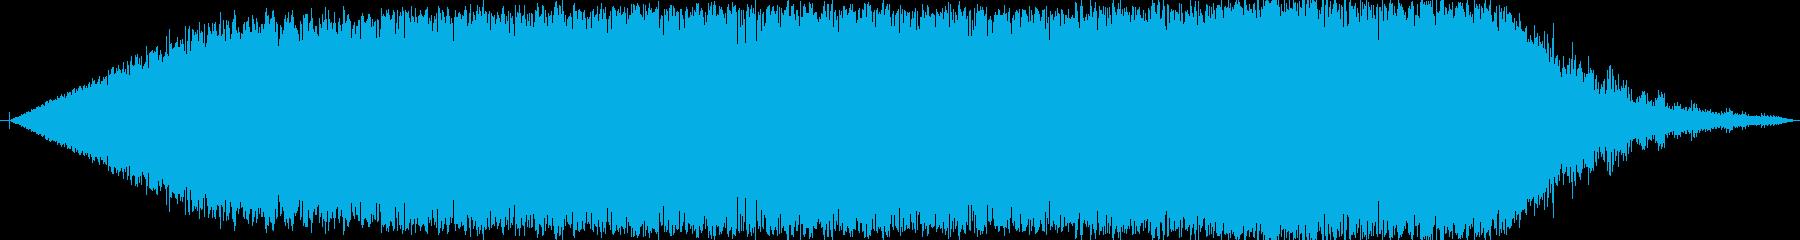 機械的なじゅーわんと言う音です。の再生済みの波形